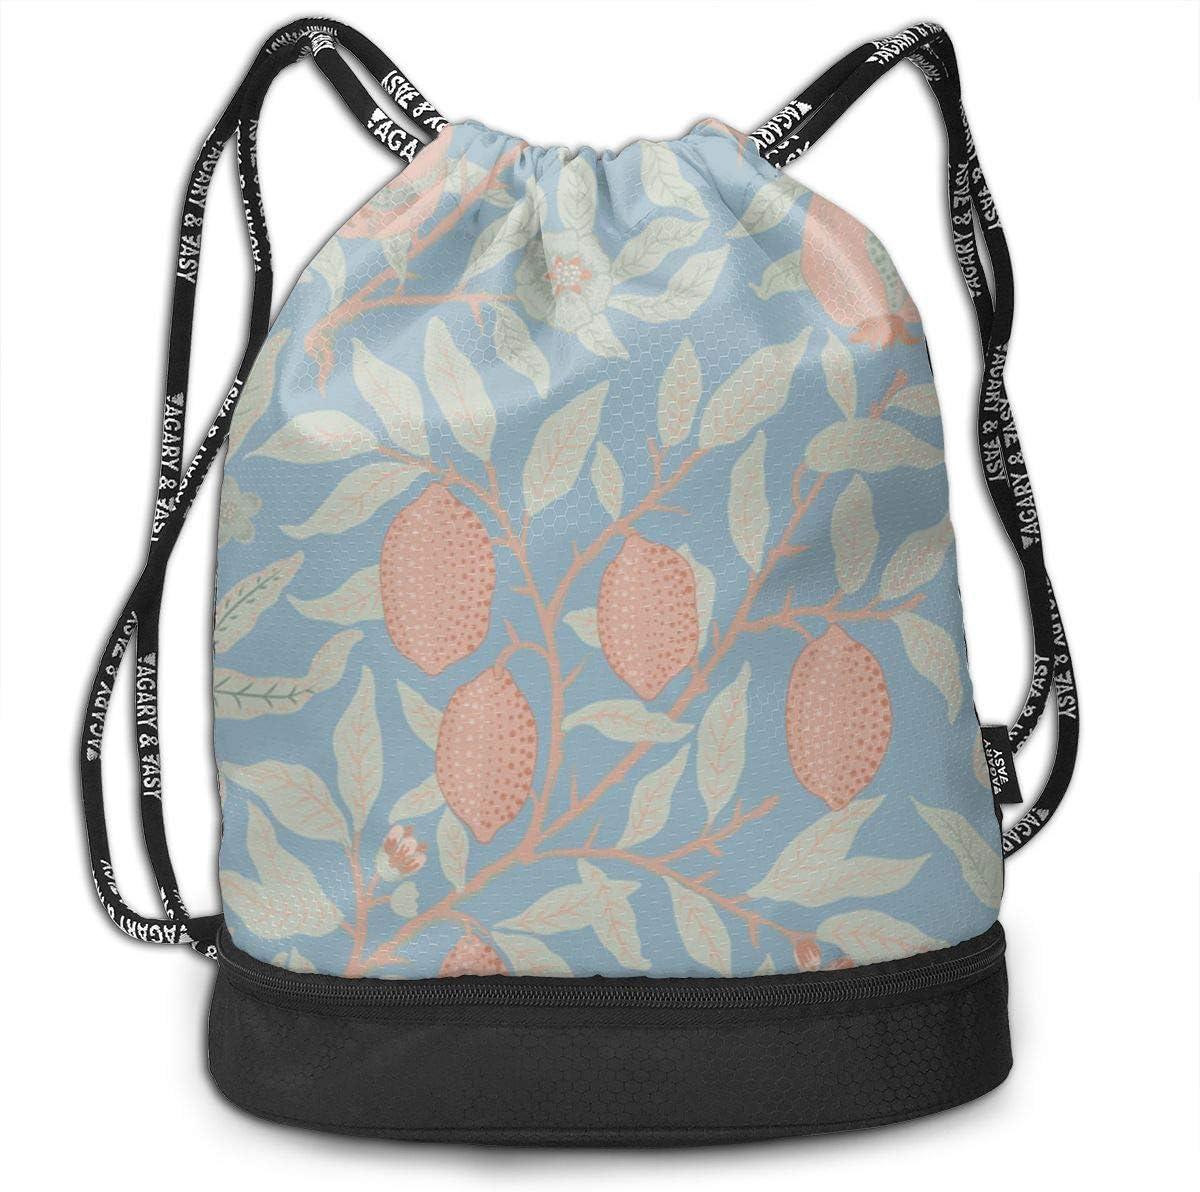 HUOPR5Q Lemon Drawstring Backpack Sport Gym Sack Shoulder Bulk Bag Dance Bag for School Travel